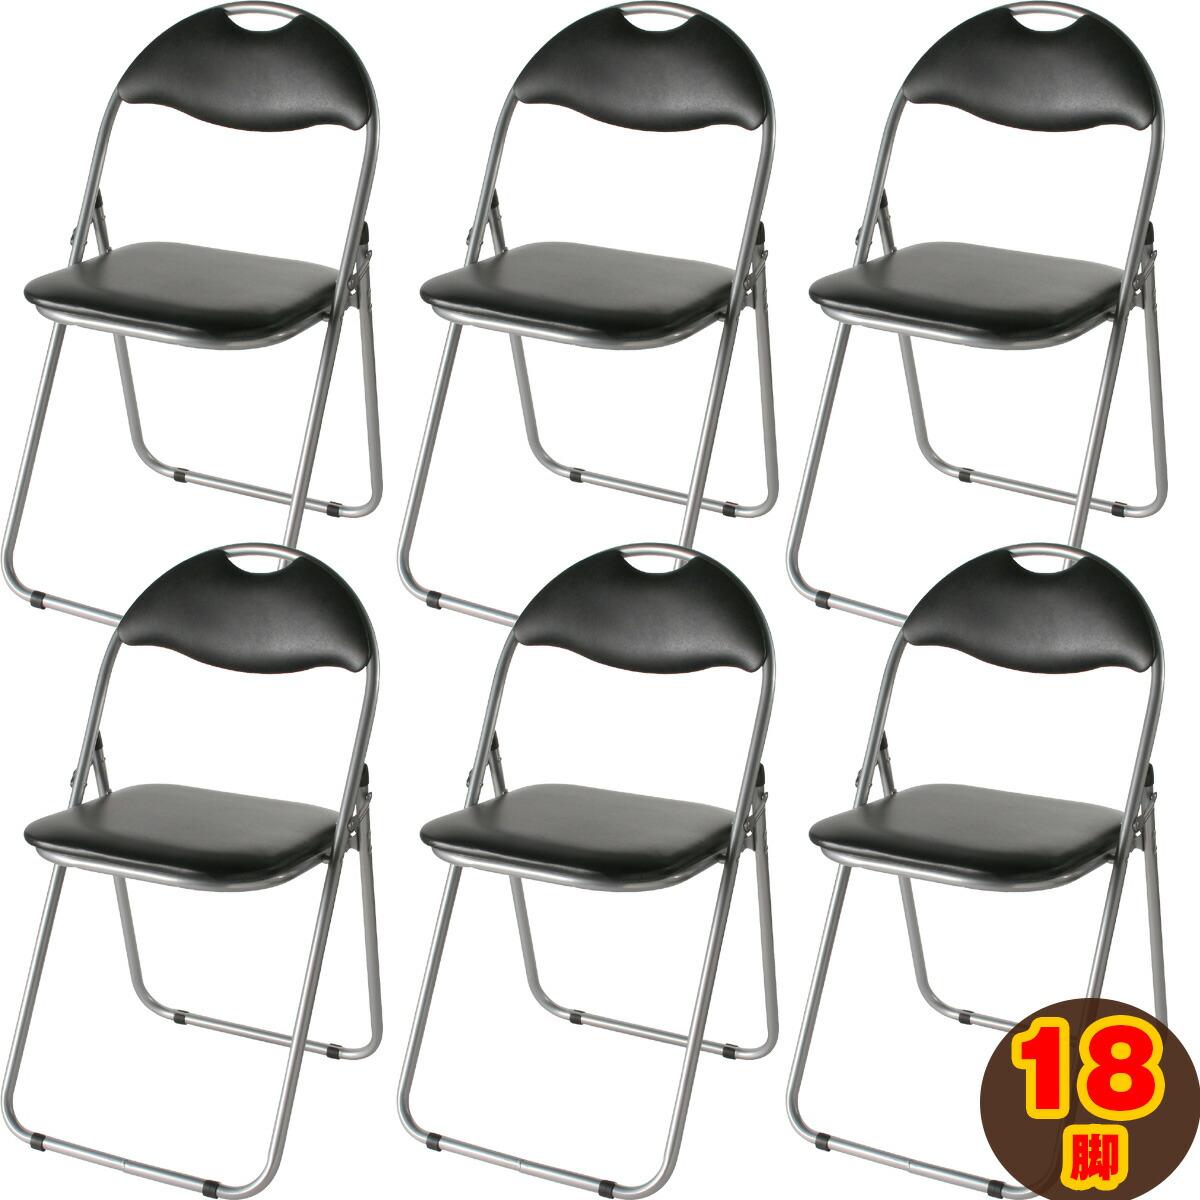 【送料無料 18脚/1セット】 法人様 ショップ様 折りたたみ イス ミーティングチェア 折りたたみ椅子 軽量 会議用椅子 パイプイス 幅45 奥43 高78cm IK-0102-18